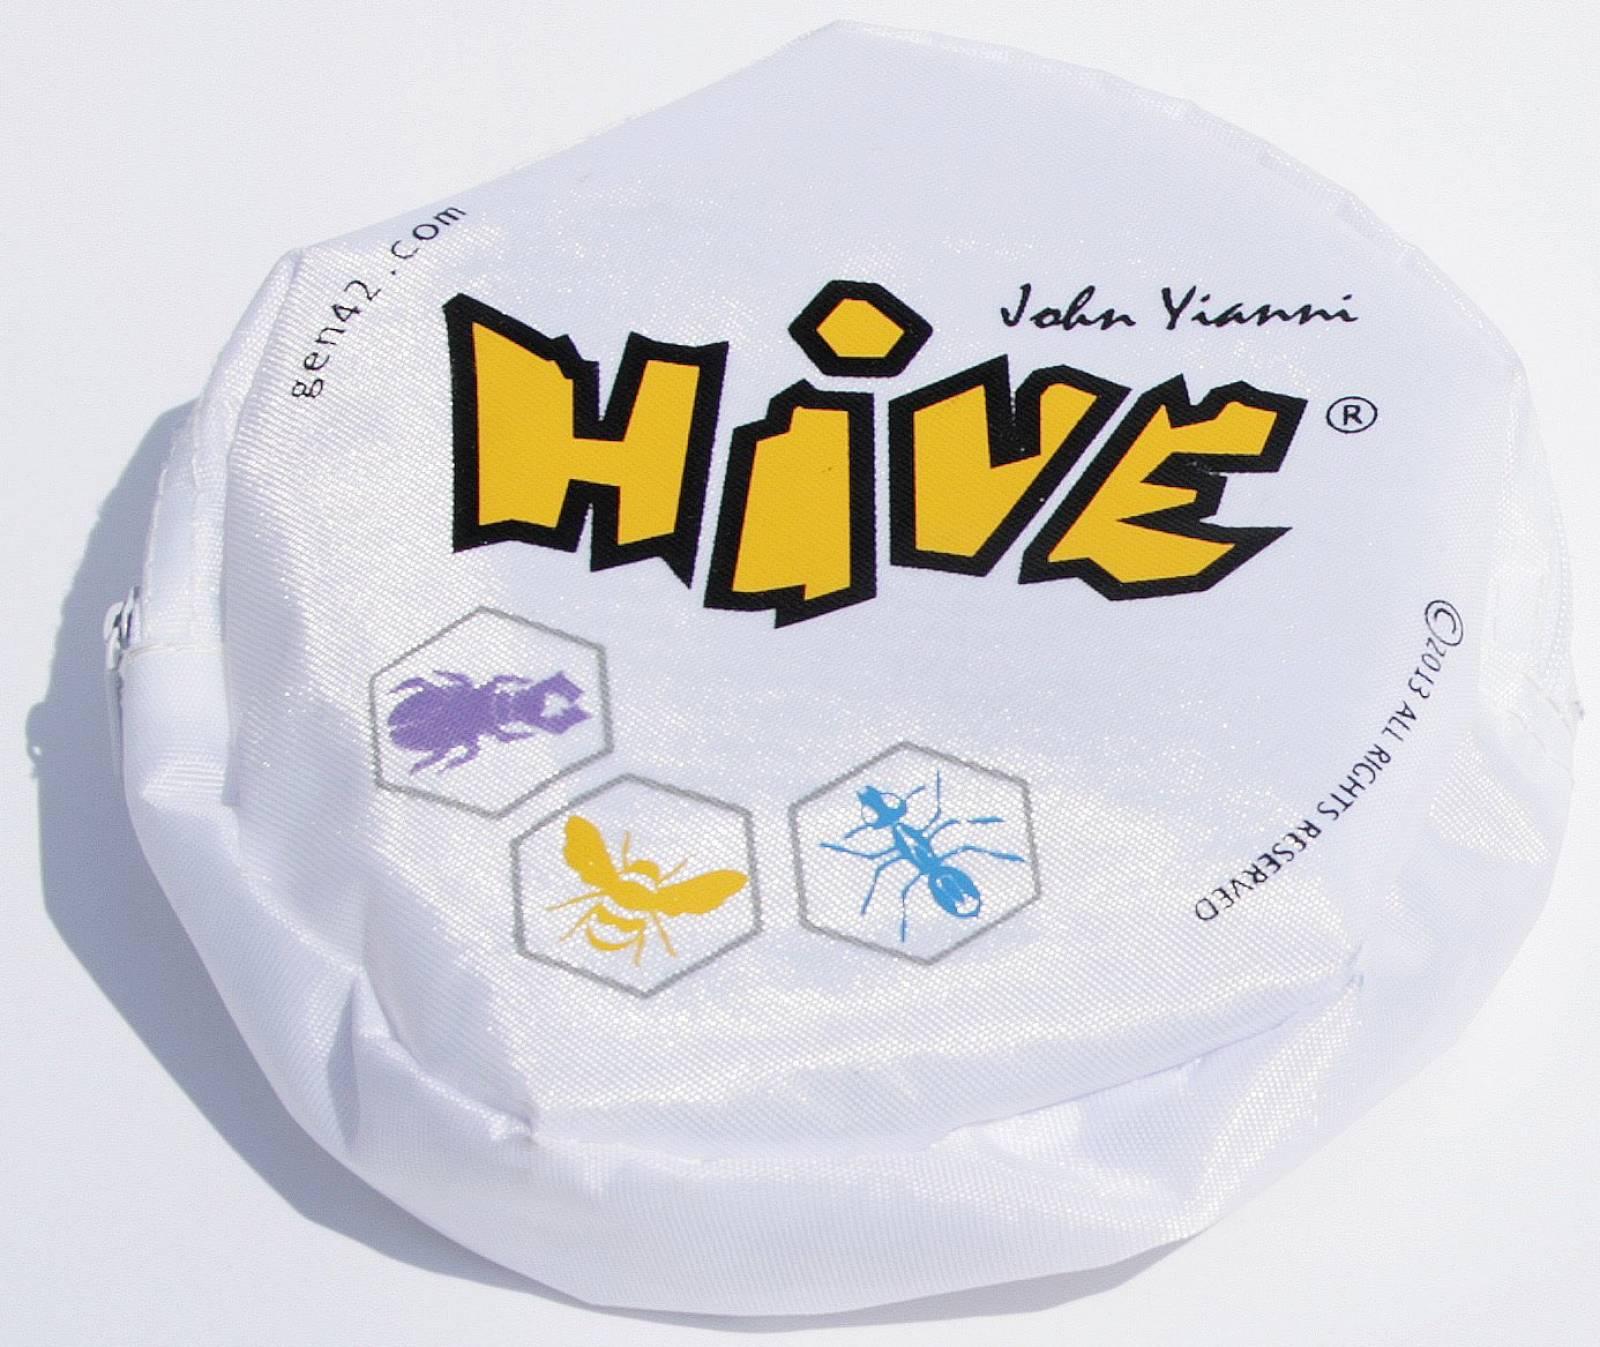 Hive Game 9+ thumbnails